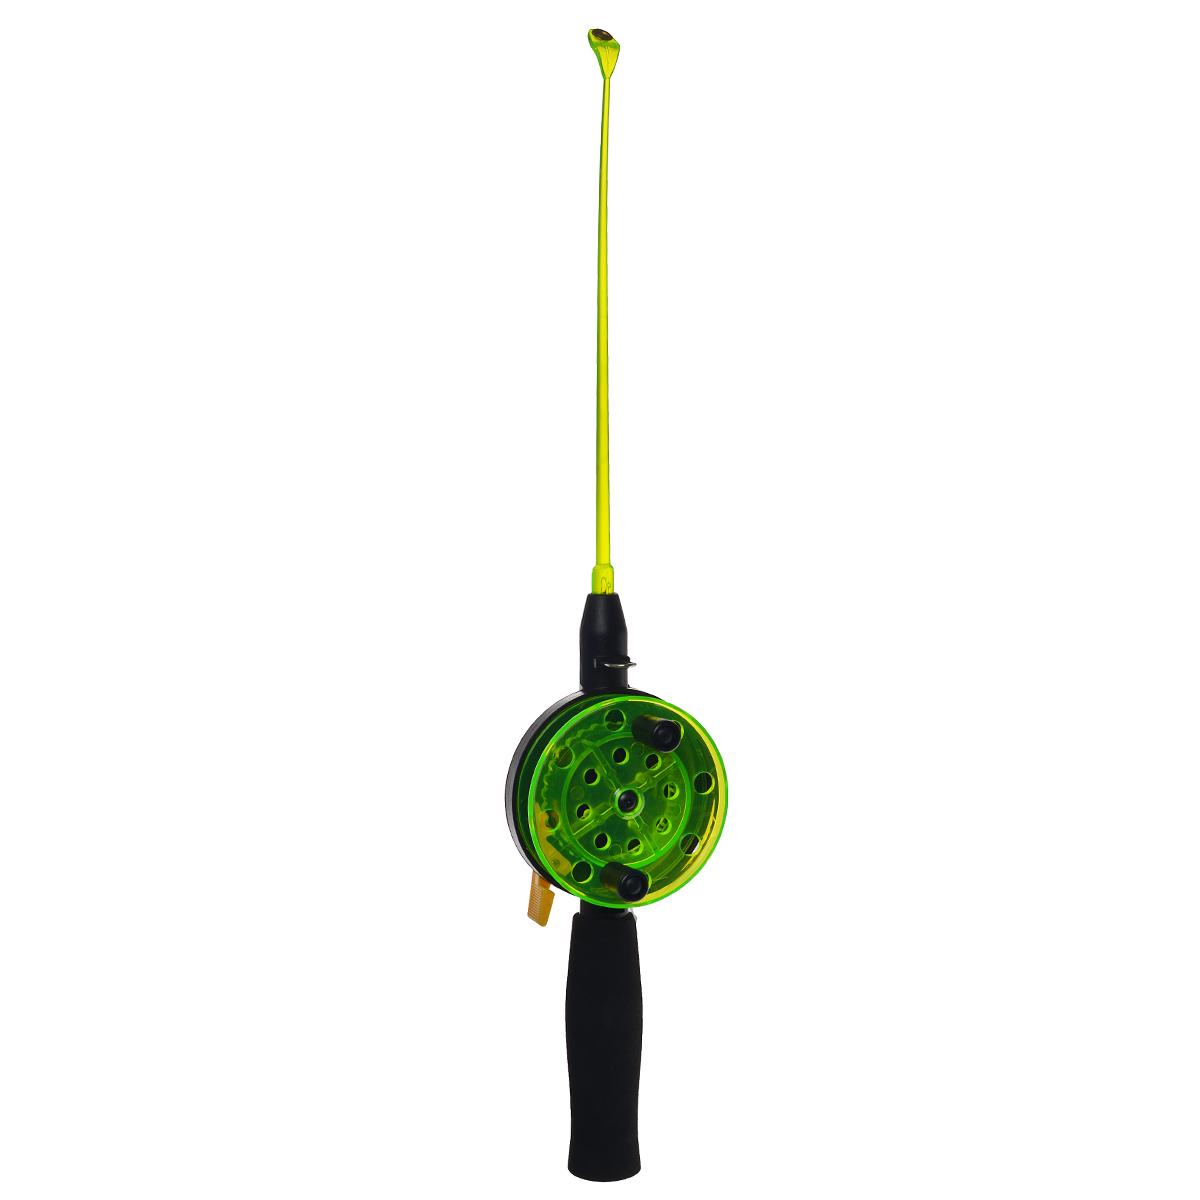 Удочка зимняя SWD HR201, цвет: черный, зеленый, 40 см. BJX010528384Зимняя удочка SWD HR201 с открытой катушкой диаметром 76 мм и клавишным стопором. Оснащена пластиковым хлыстом длиной 20 см с тюльпаном на конце. Ручка длиной 100 мм выполнена из неопрена.